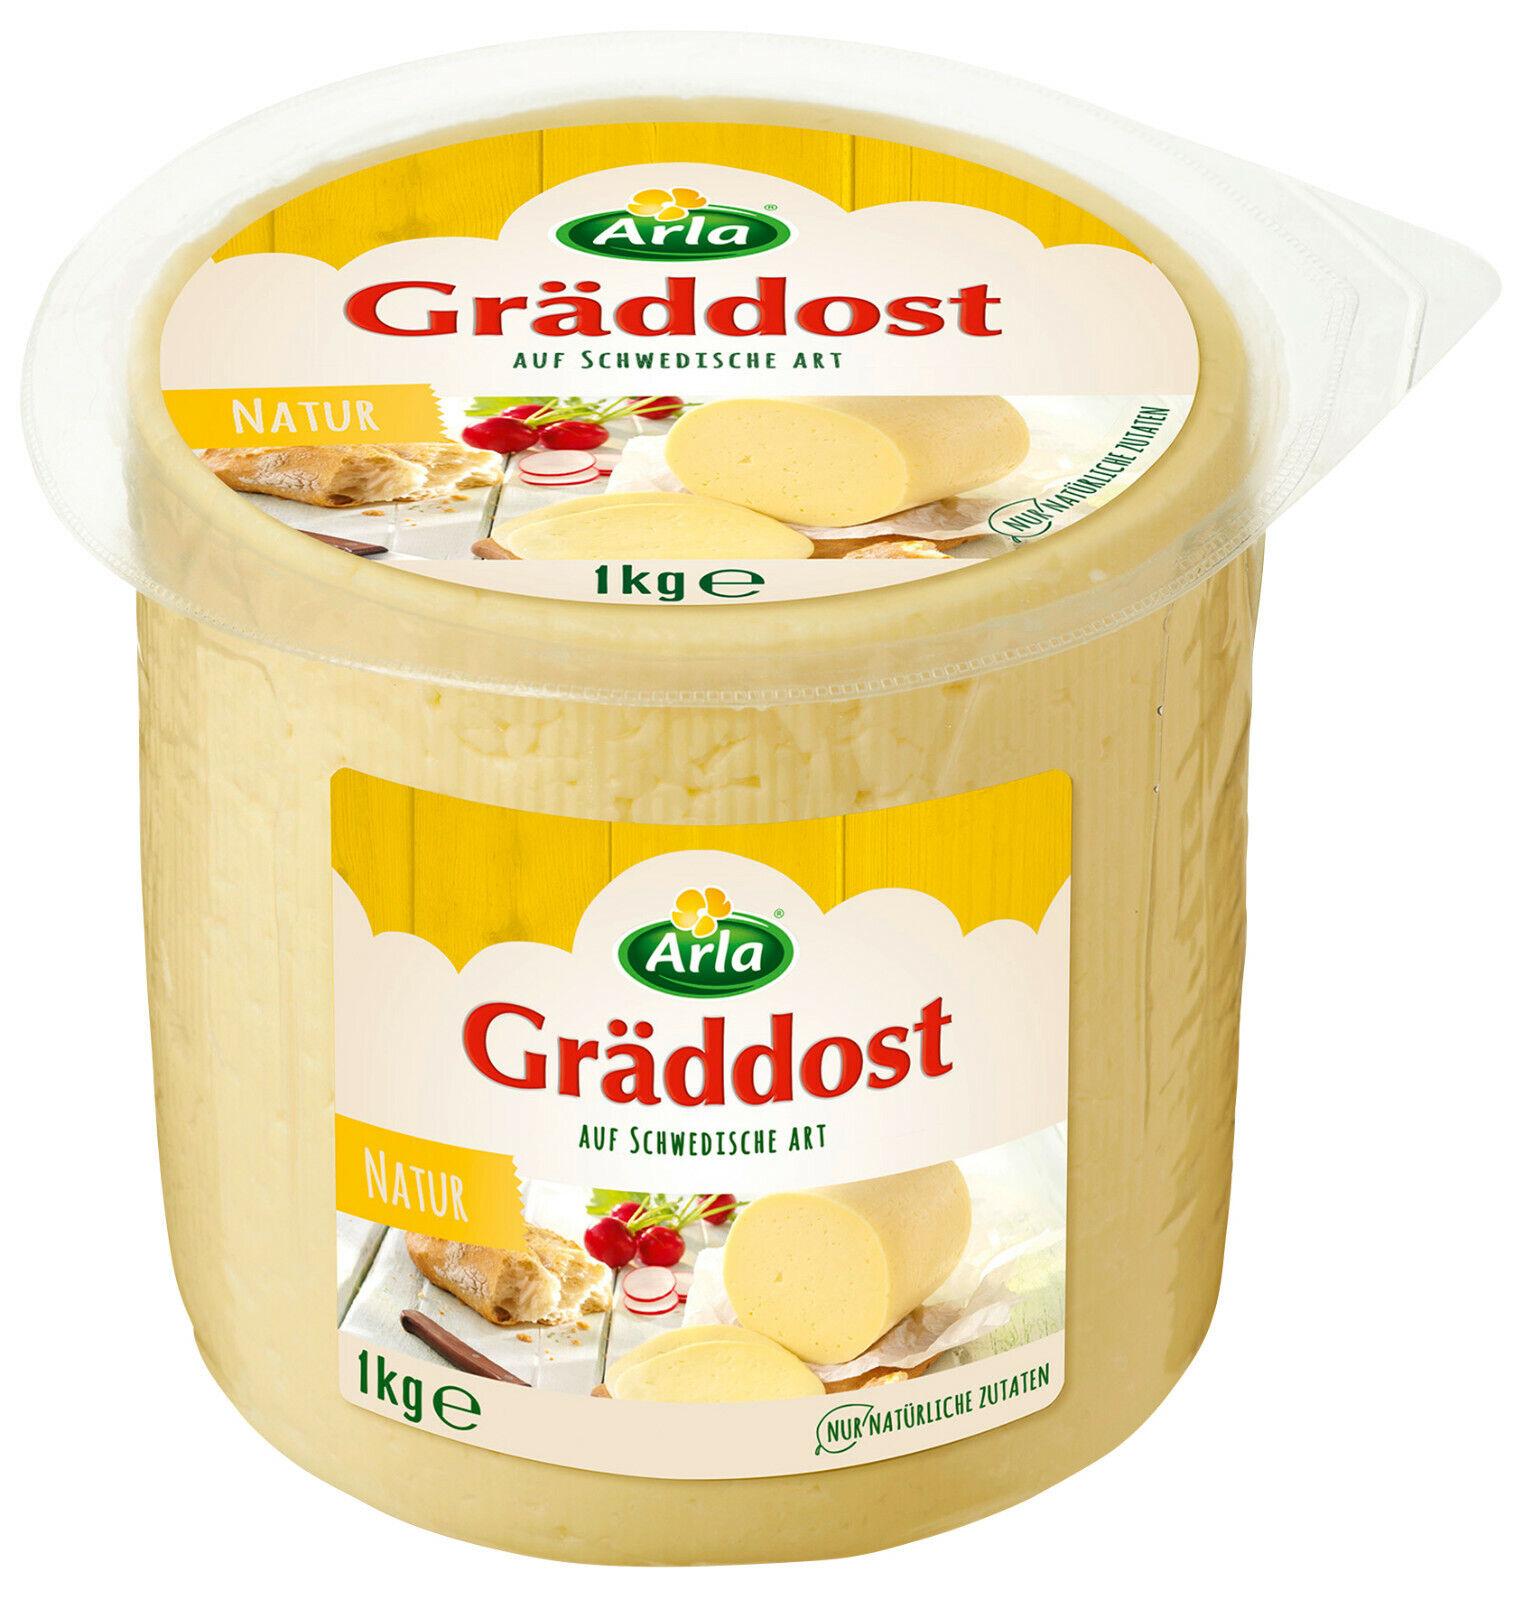 Arla Gräddost Natur Rahmkäse Butterkäse Laib 1kg